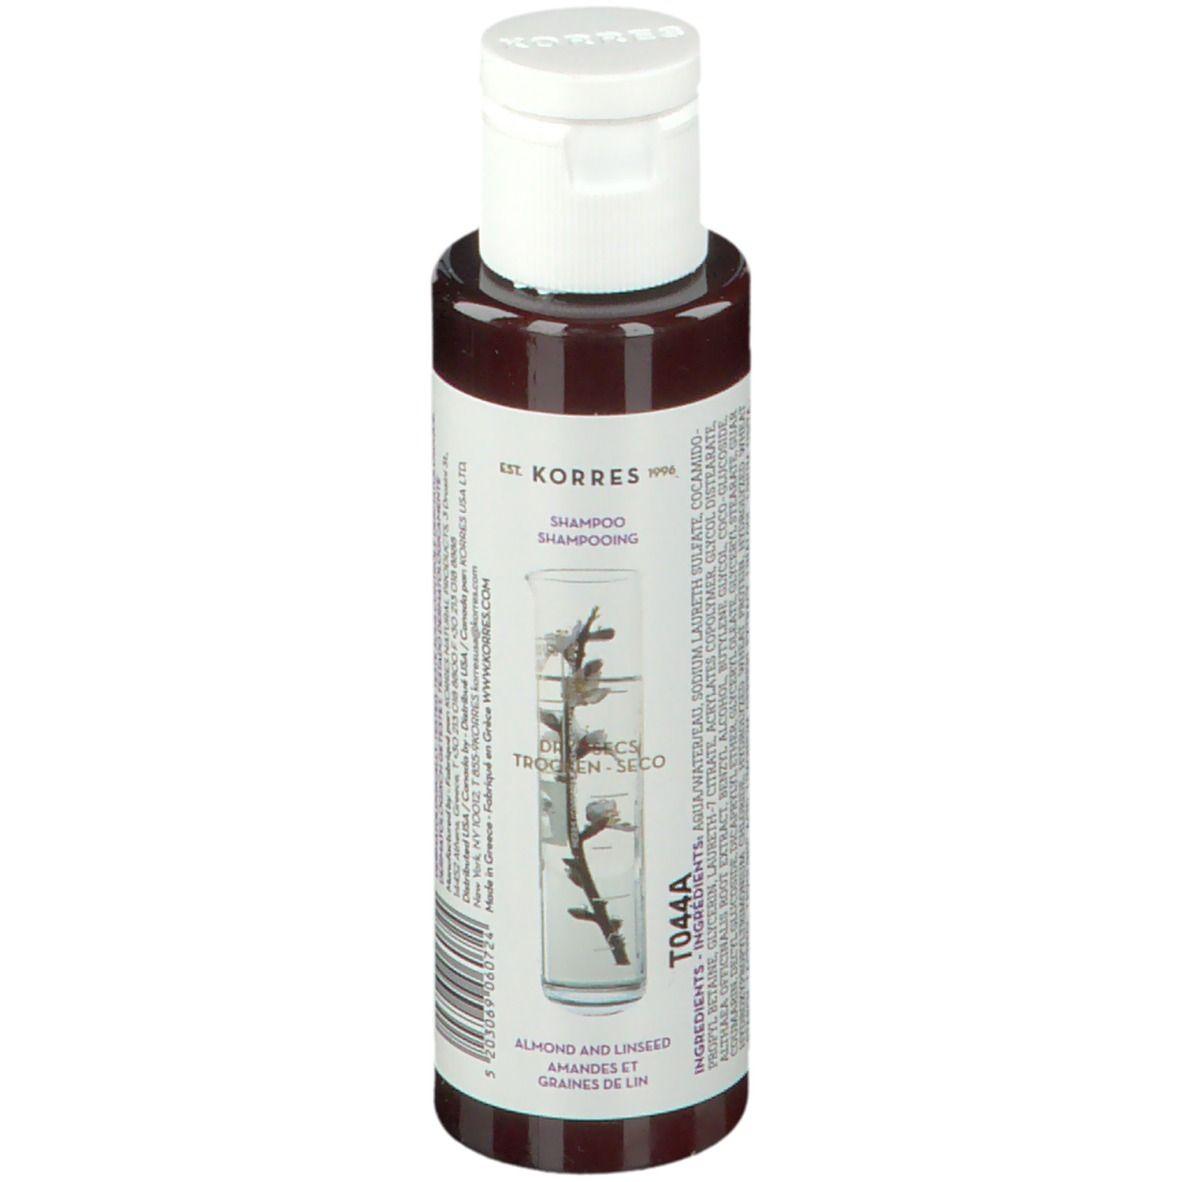 KORRES Shampooing Réparateur Amande et Graines de lin ml shampooing